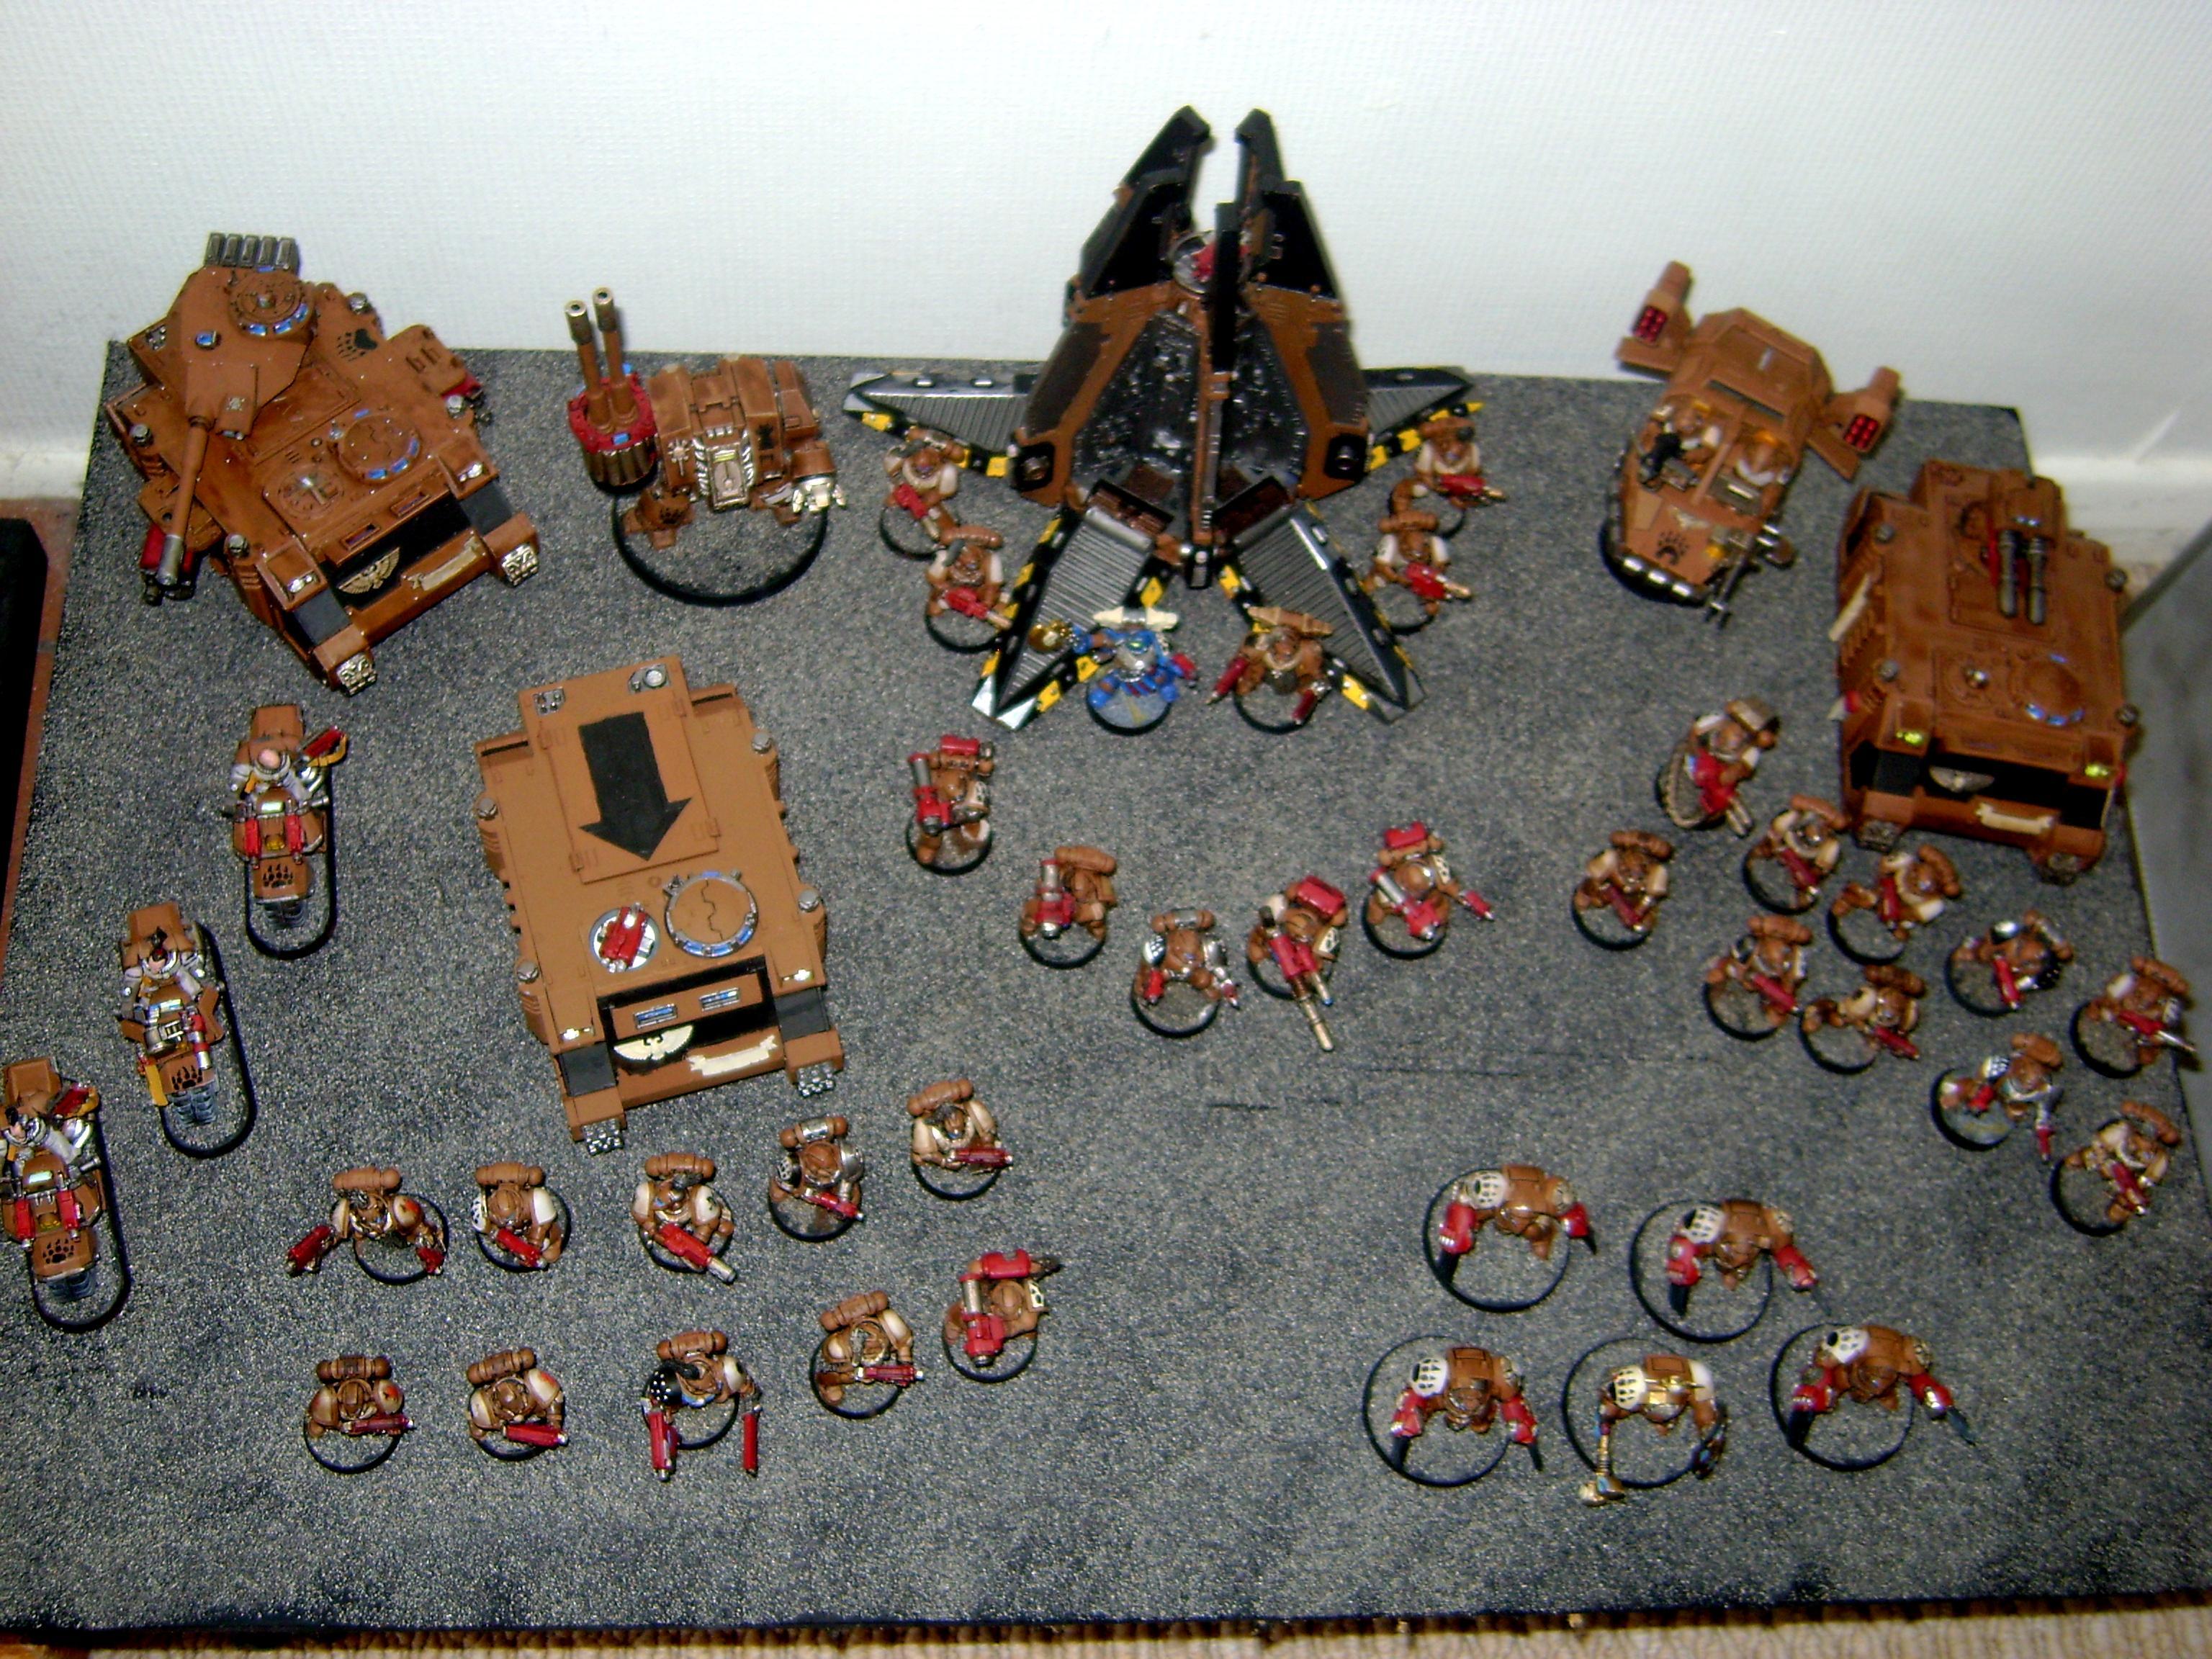 My Tourney Army